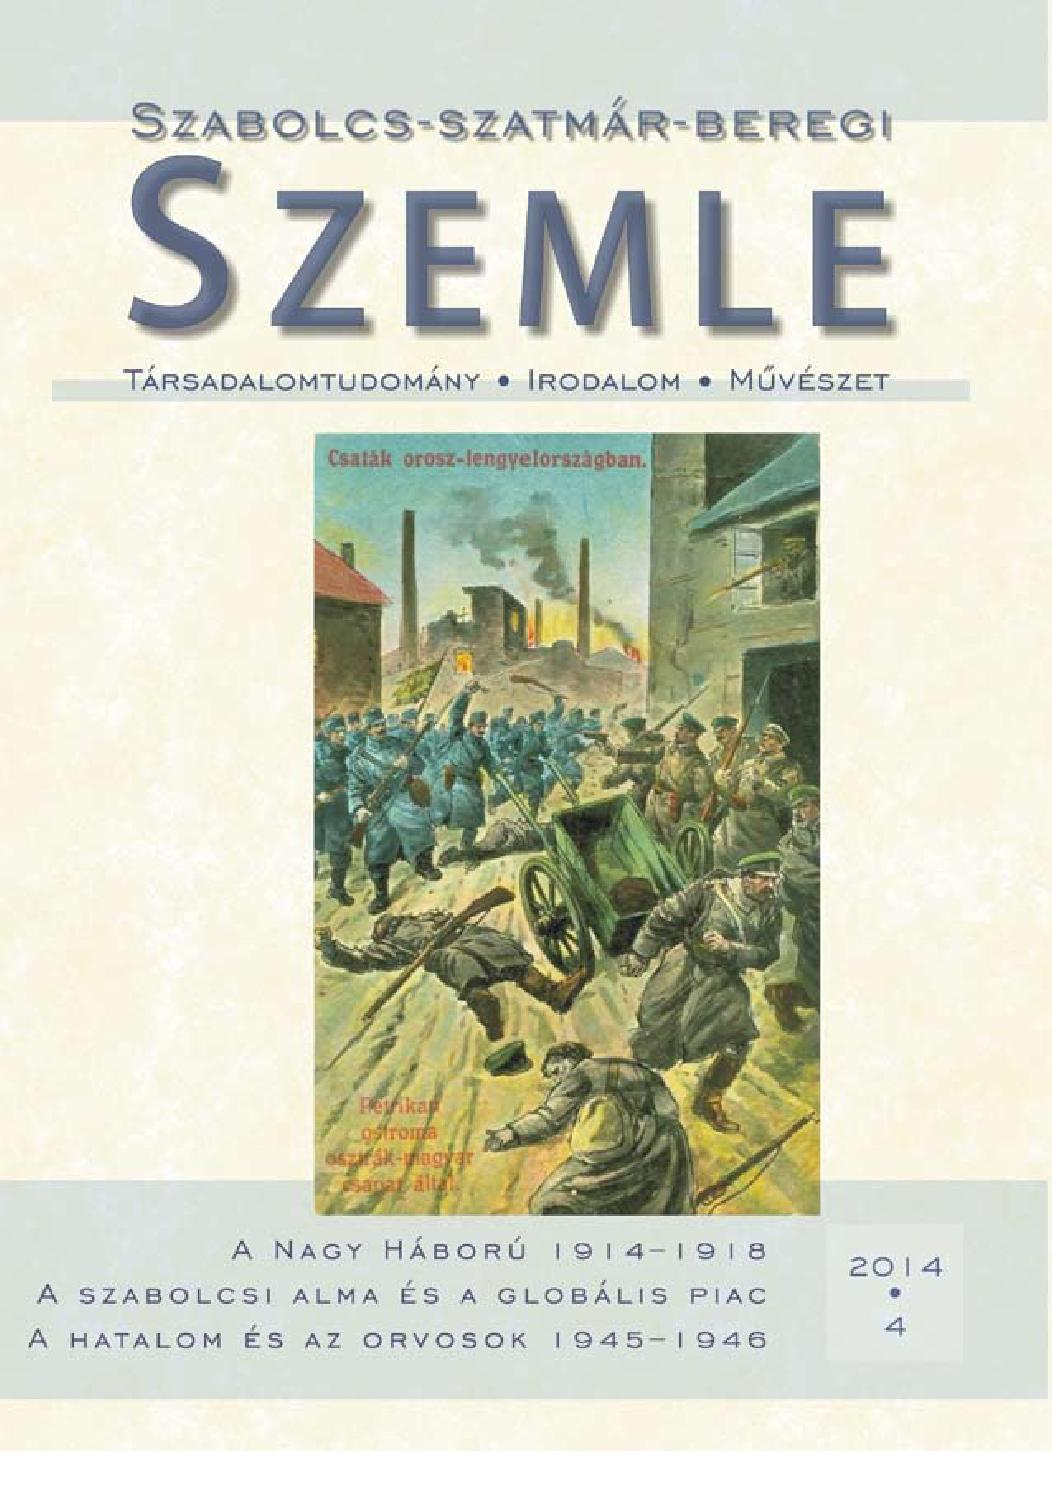 Szabolcs-szatmár-beregi Szemle 2014. 4. szám by Szemle - issuu e5edd00939